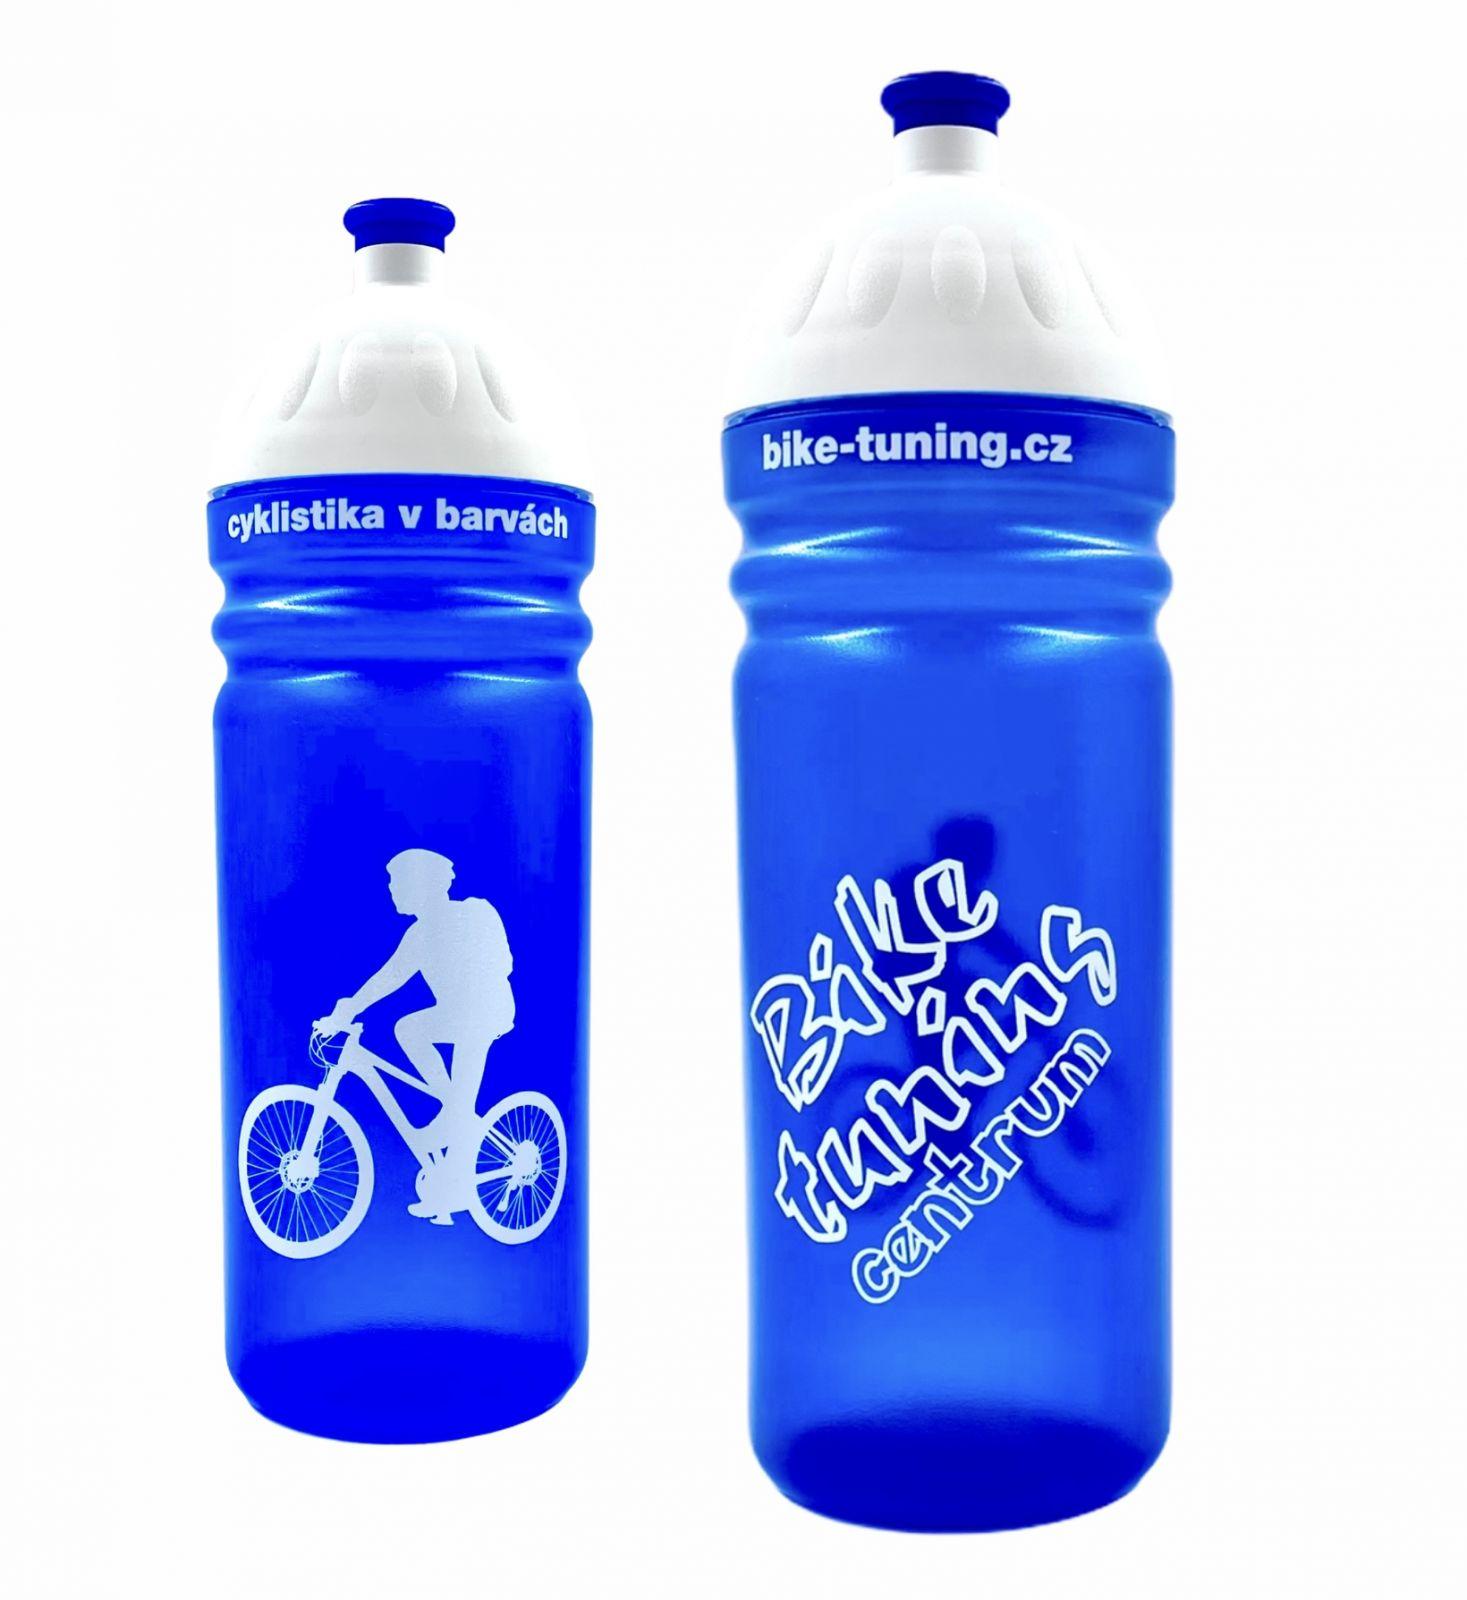 Láhev R&B 0,7L Bike tuning centrum transparent modrá